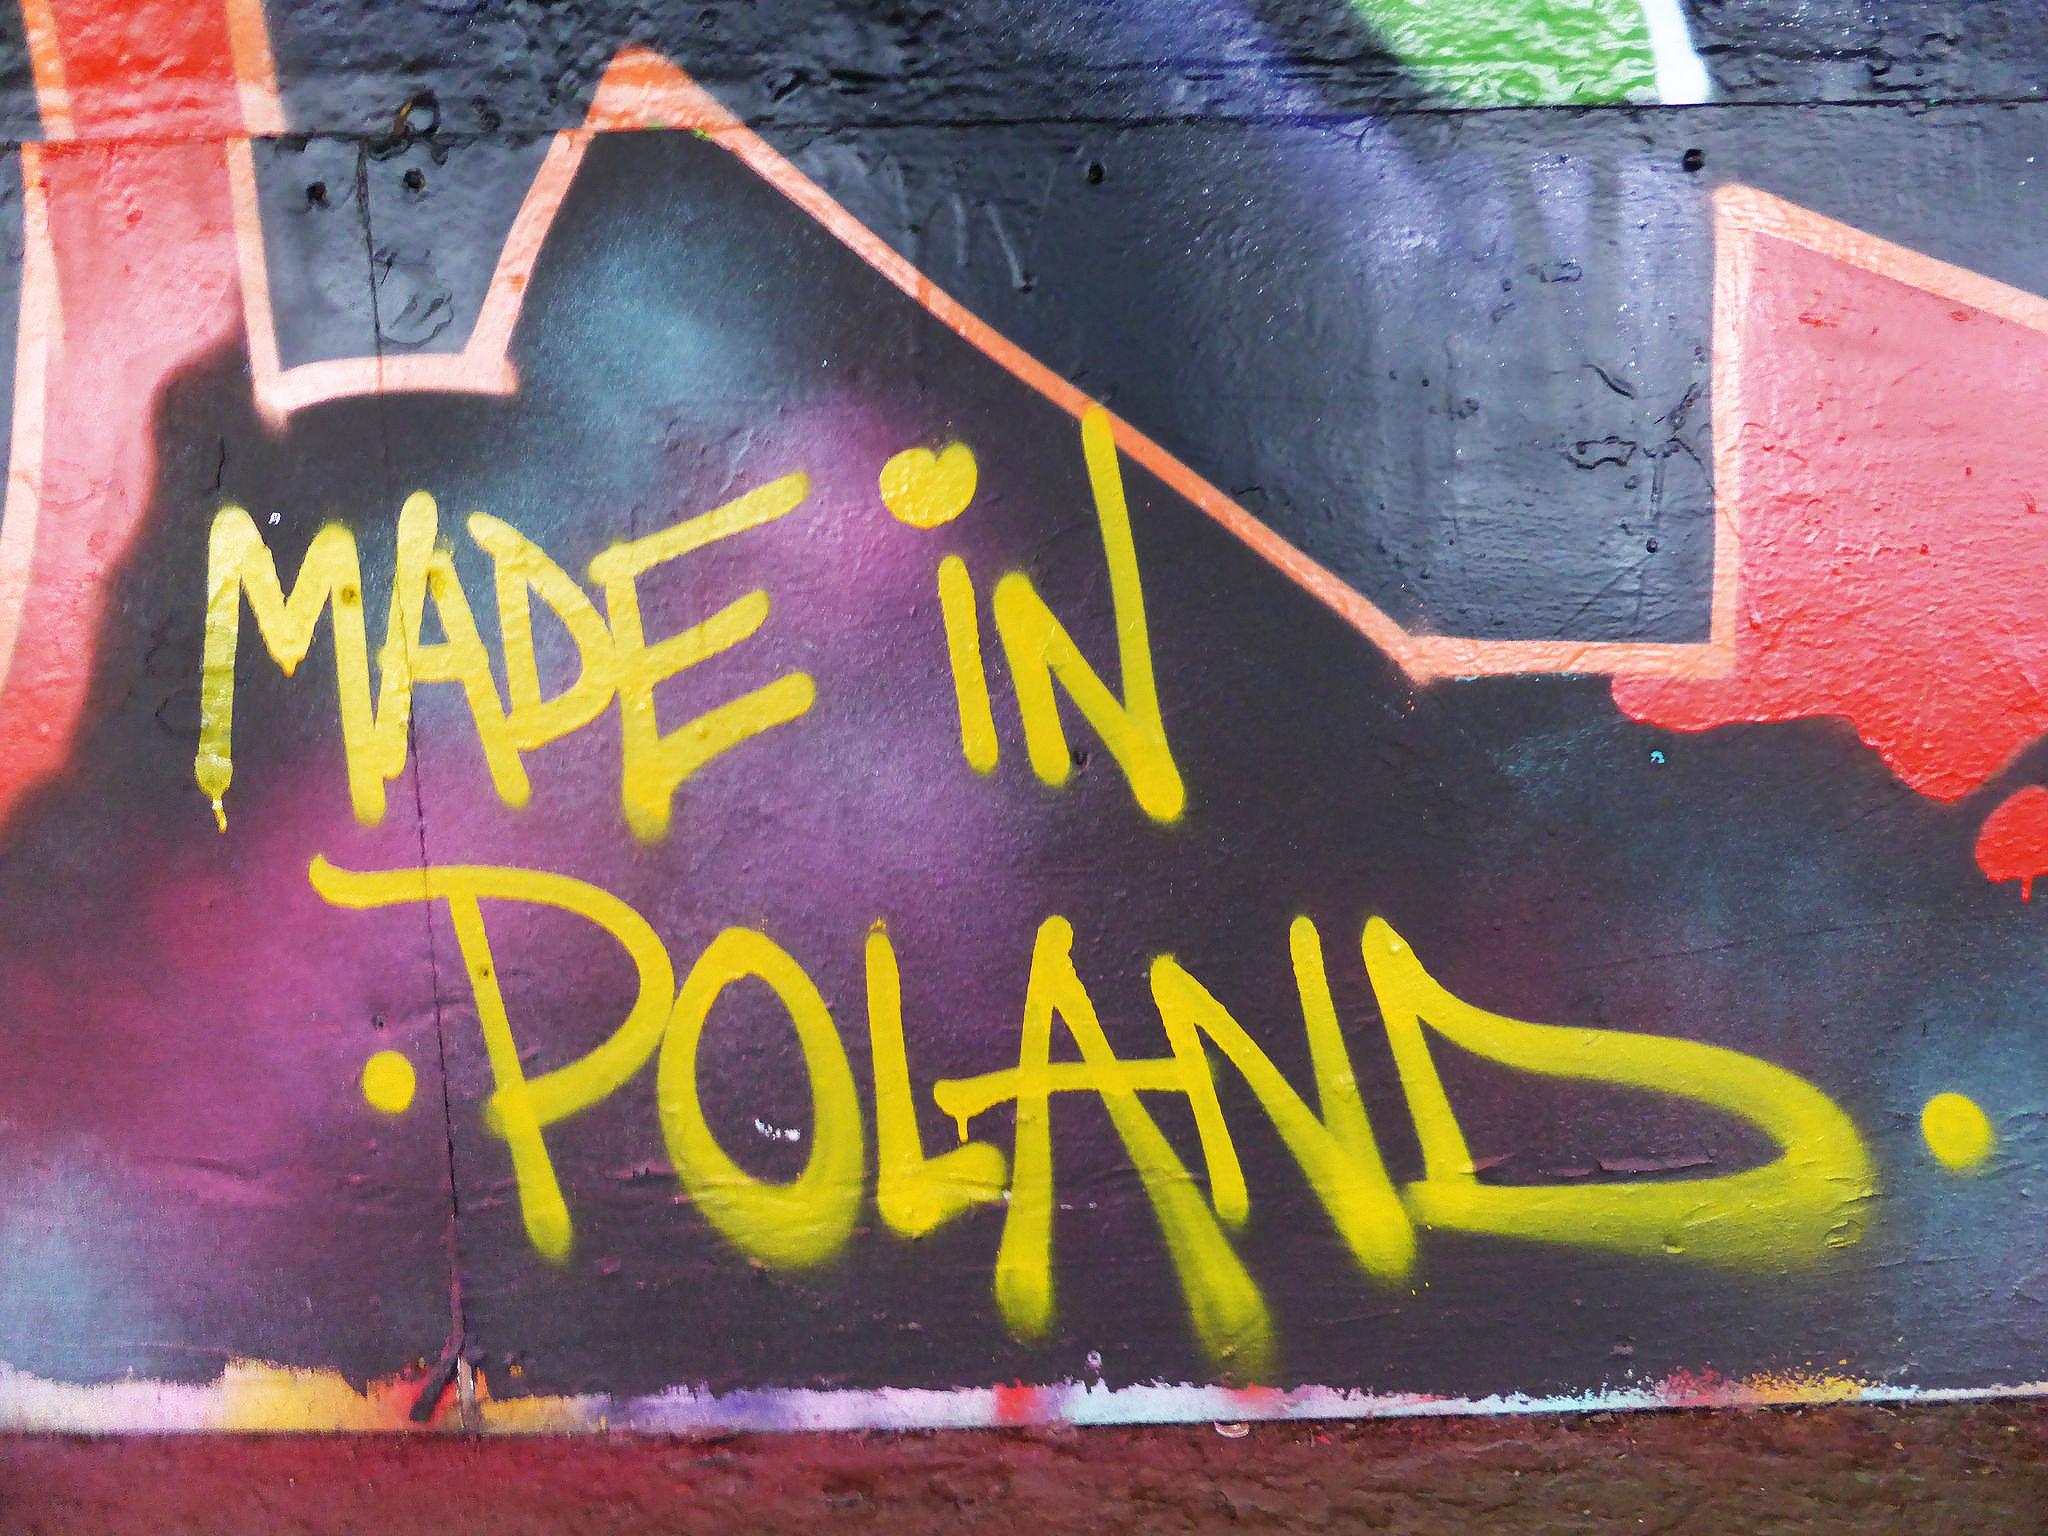 Граффити на стене Made in Poland